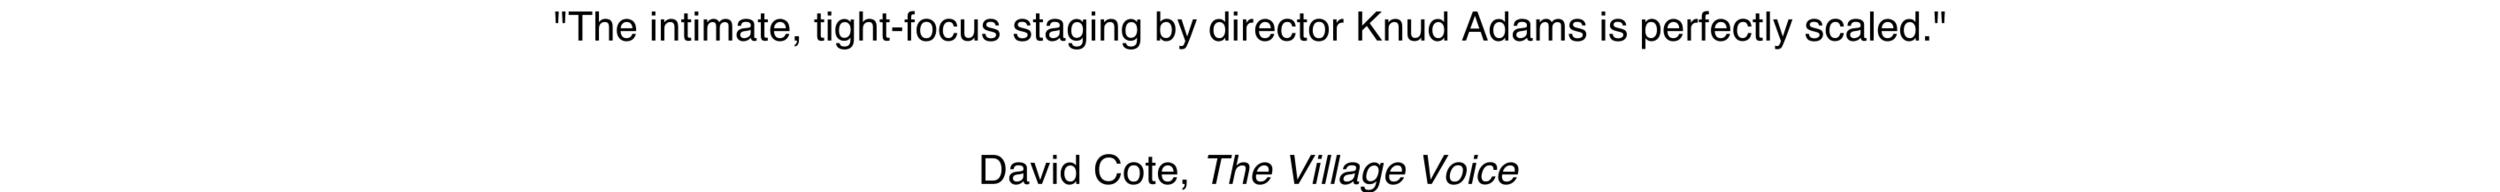 Village Voice 1.png